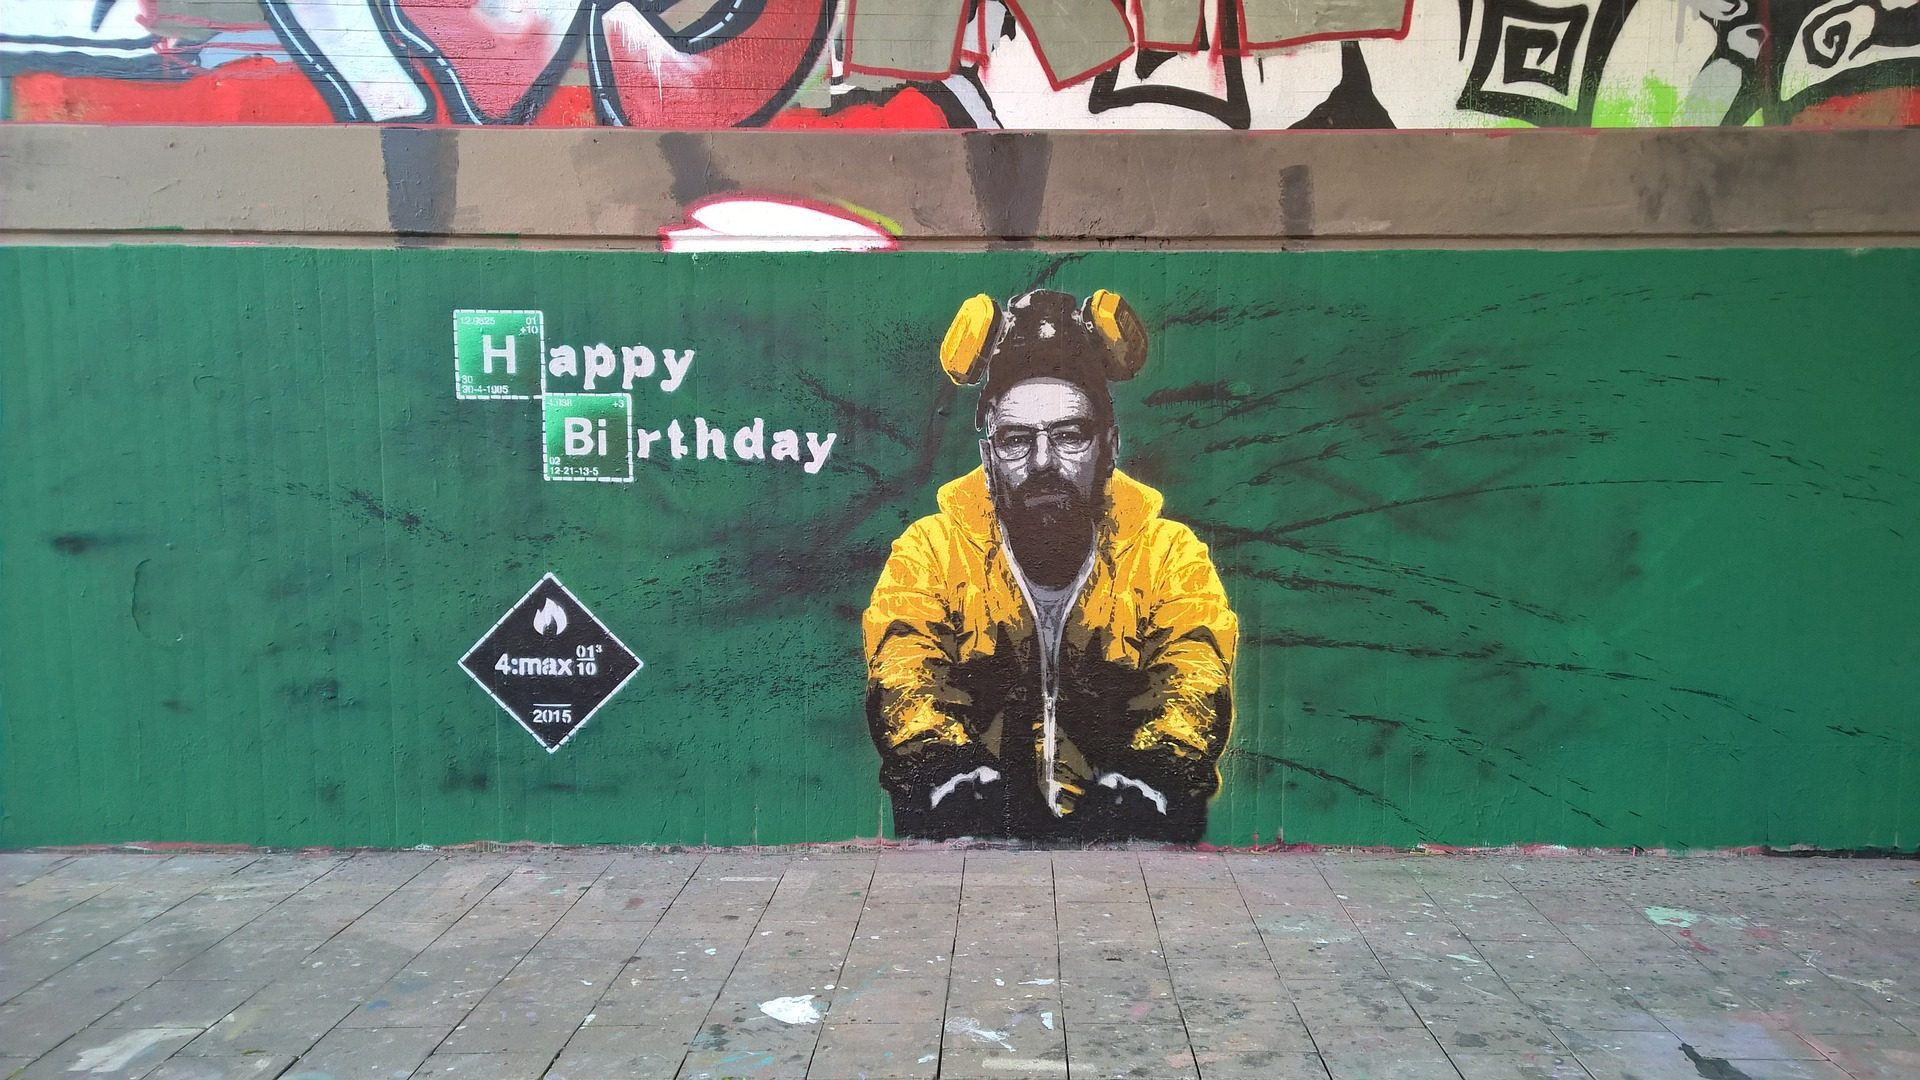 grafiti, breaking bad, serie, tv, pared - Fondos de Pantalla HD - professor-falken.com